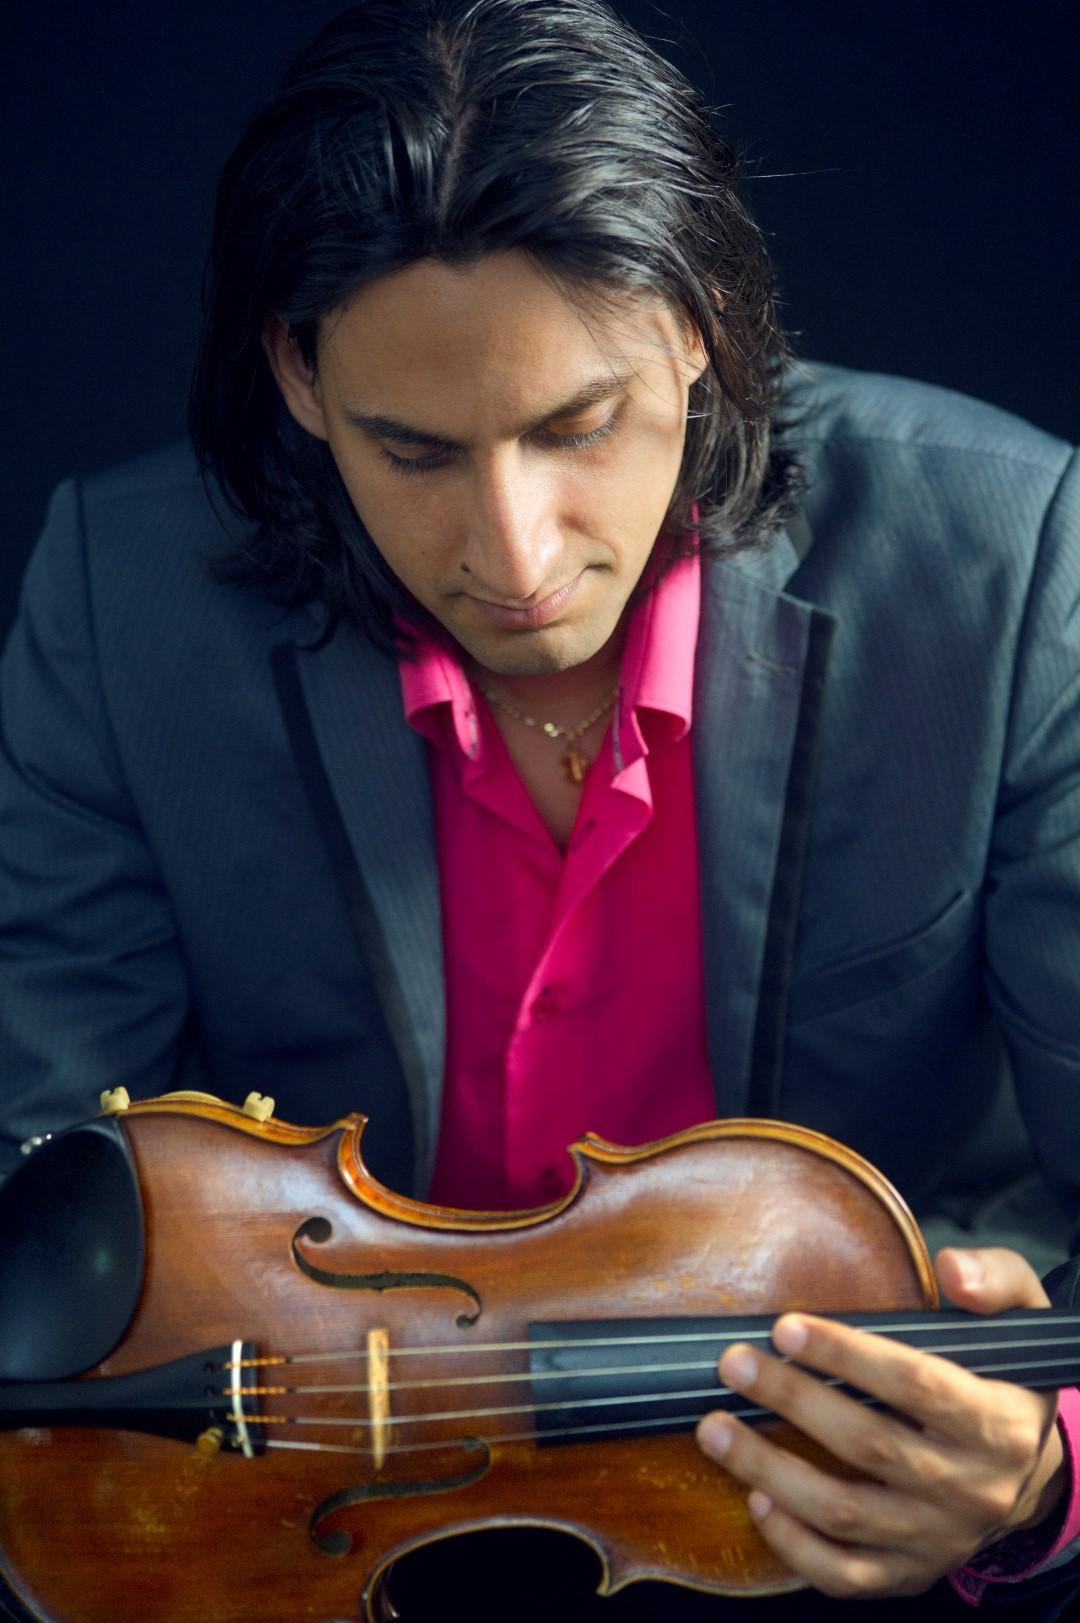 Dans le cadre des Rues en Musique, Yardani Torres Maiani, violoniste compositeur et les cinq musiciens qui l'accompagnent, proposent de découvrir un savant mélange entre flamenco et musique classique